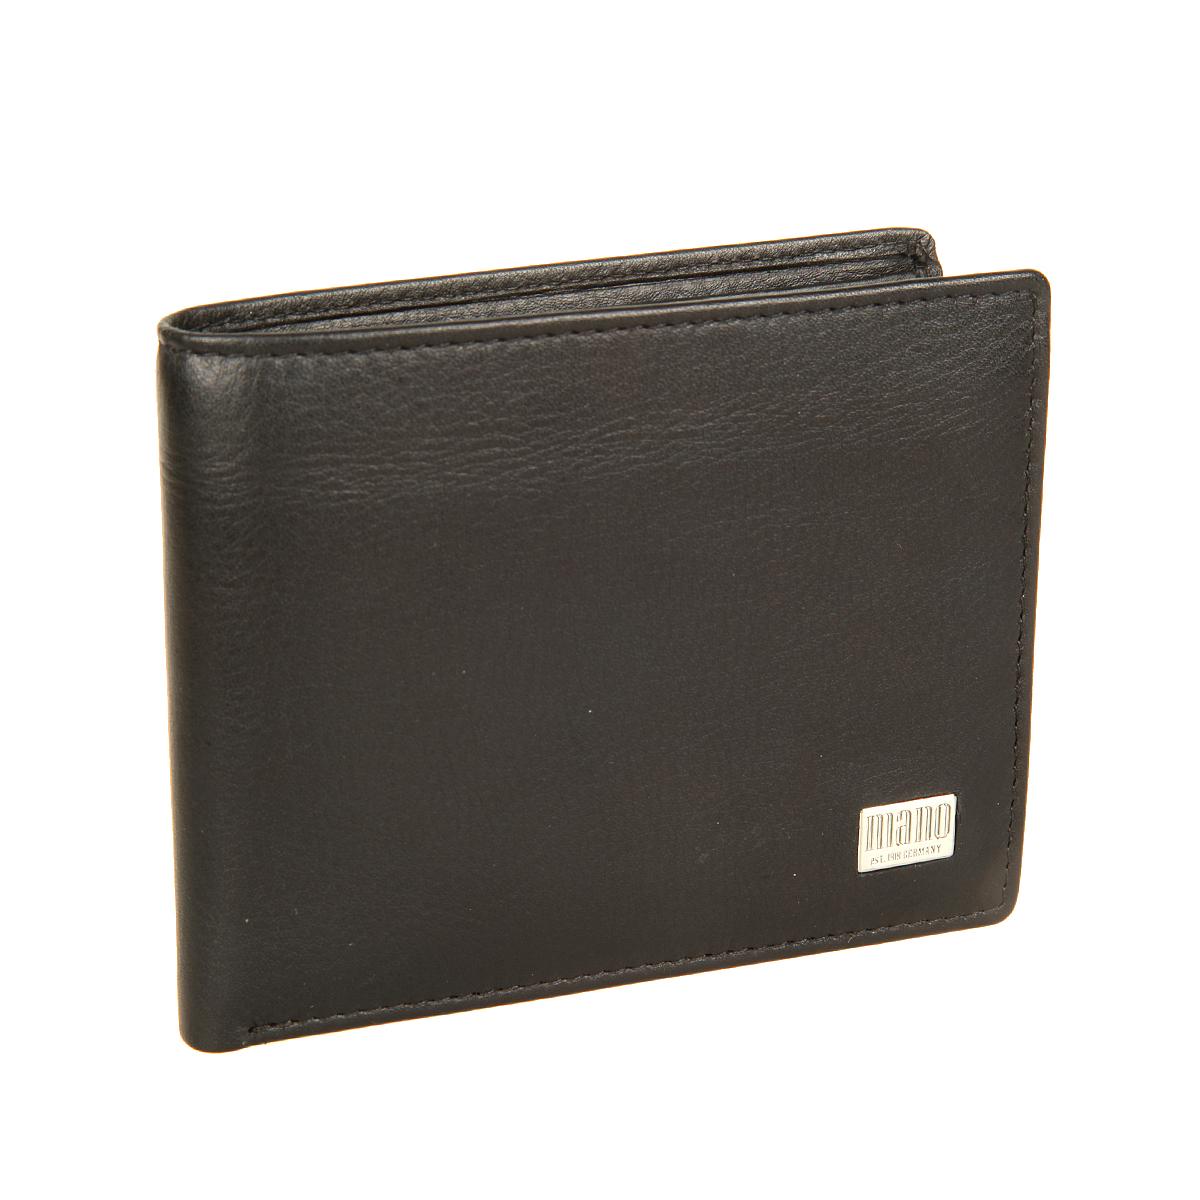 Портмоне мужское Mano, цвет: черный. 15810INT-06501Стильное мужское портмоне Mano выполнен из натуральной кожи, оформлено не большой пластинкой с логотипом бренда. Внутри - два отделения для купюр, карман для мелочи с клапаном на кнопке, два потайных кармашка и три кармашка для пластиковых карт Портмоне Mano станет яркой деталью, которая выгодно подчеркнет ваш стильный неповторимый образ. Модель упакована в фирменную коробку с логотипом бренда.